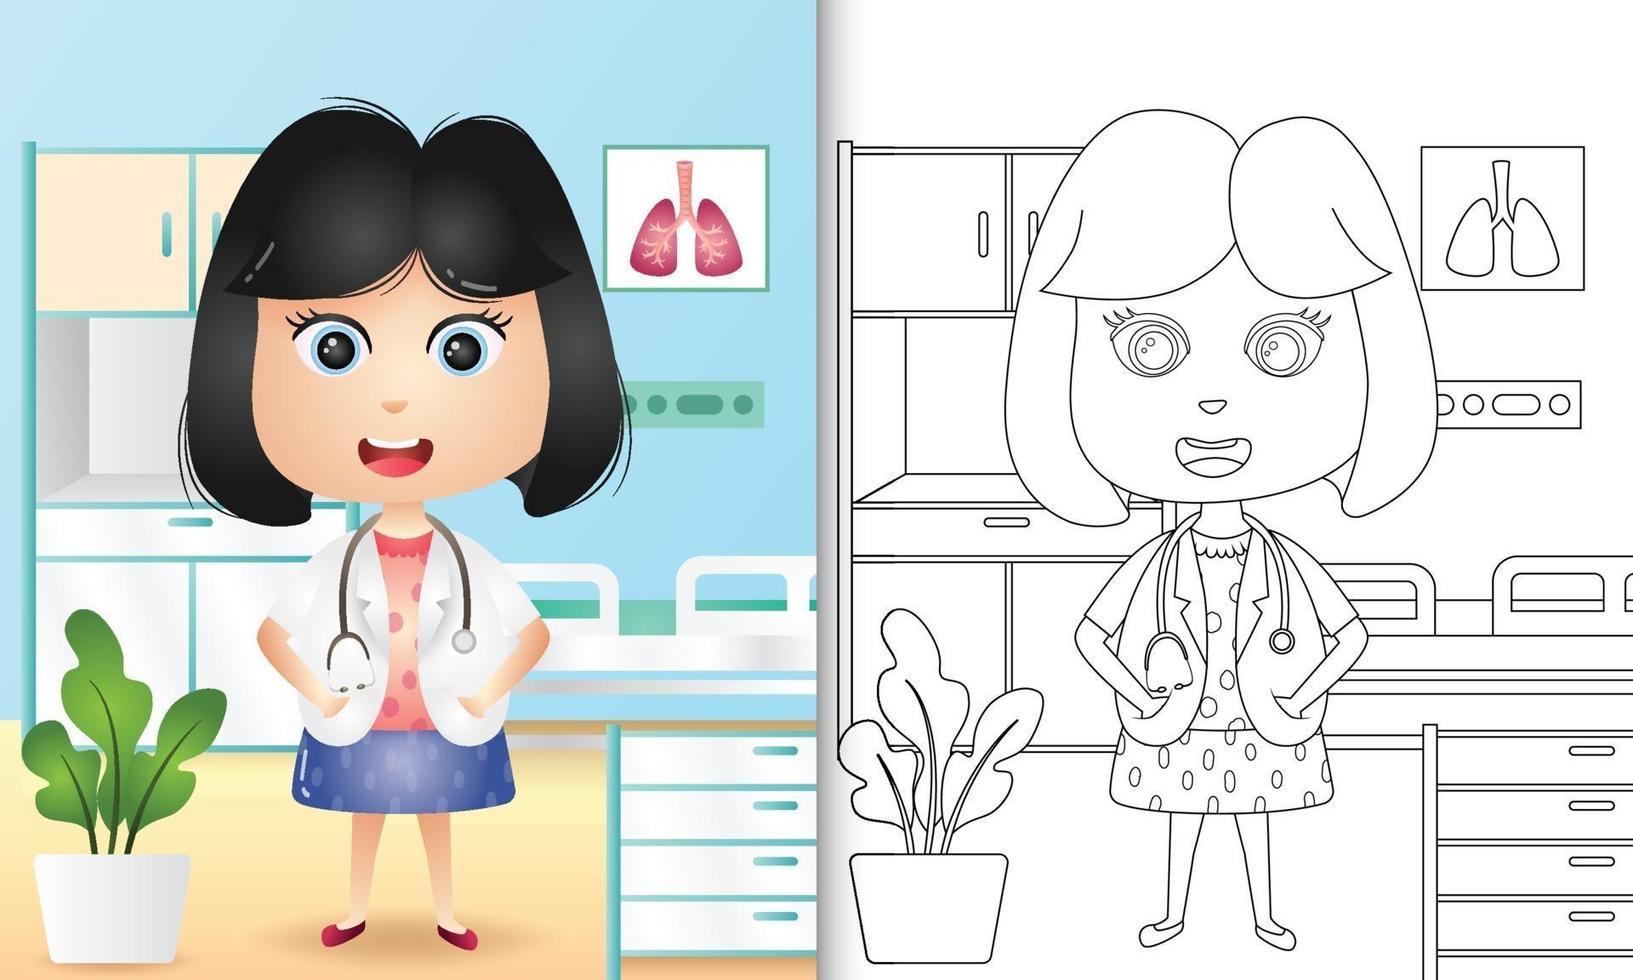 livre de coloriage pour les enfants avec une jolie illustration de personnage vecteur